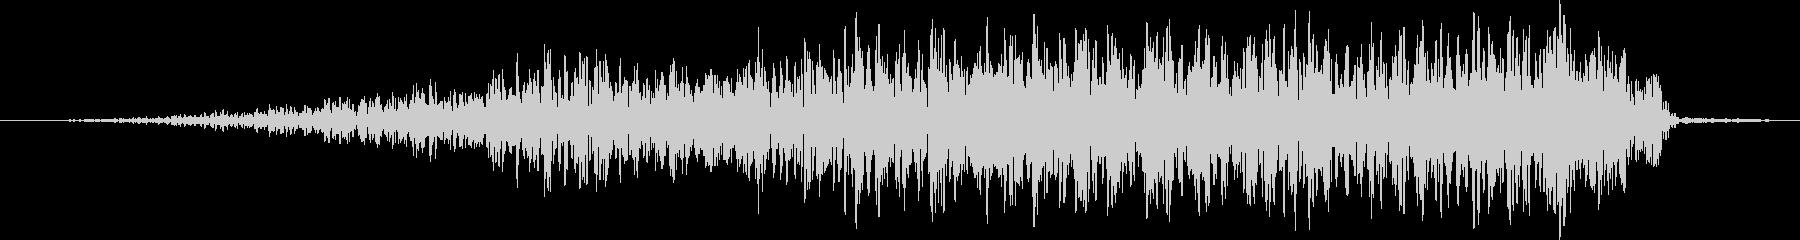 エアヒューッシュスイーパー1の未再生の波形